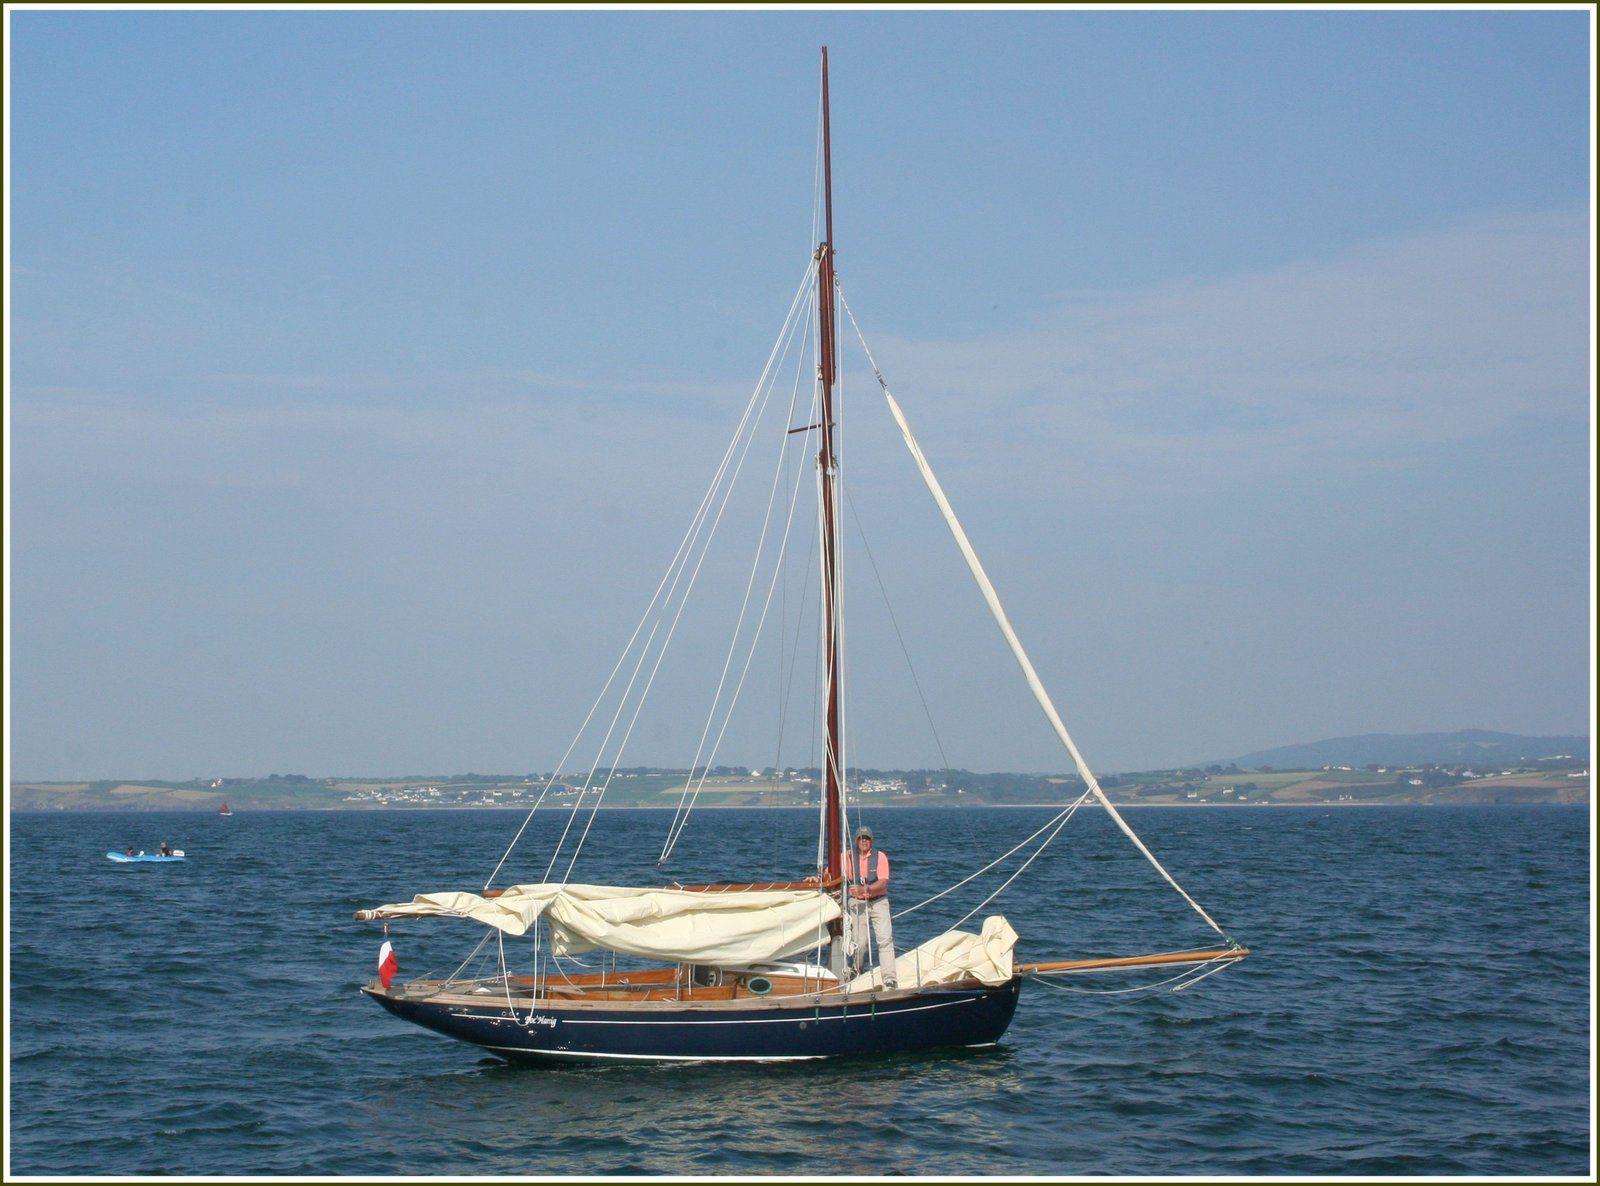 021sb  Rencontres bateaux au fil de l'eau 7ème photos GeoMar